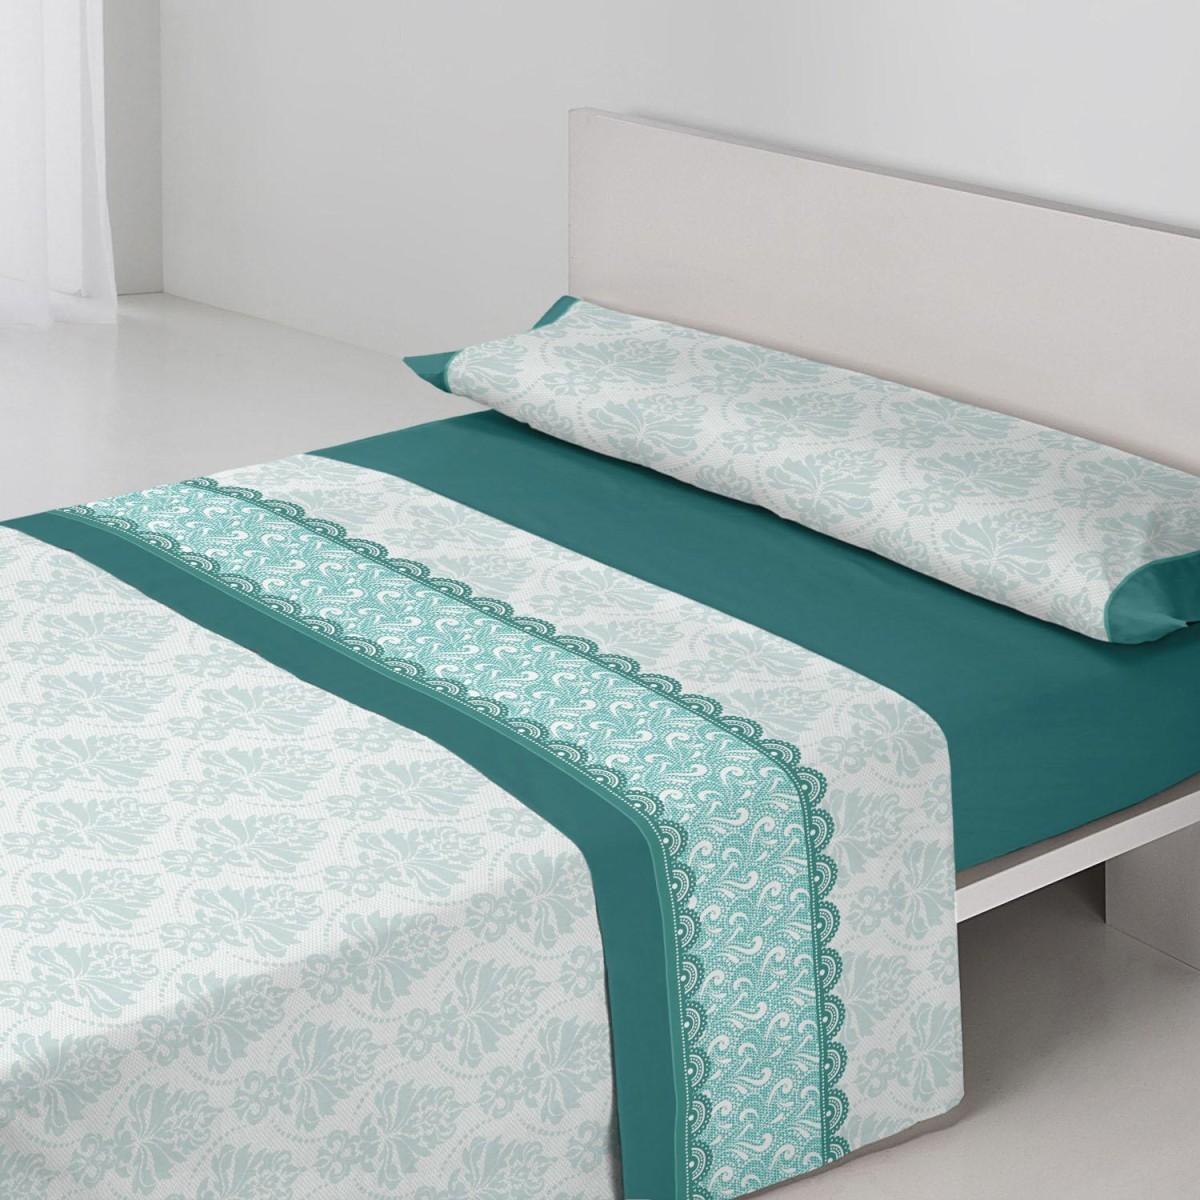 Tramas ropa de cama excellent amazing top design ikea nios ropa de cama avance del catlogo ikea - Ikea ropa de cama colchas ...